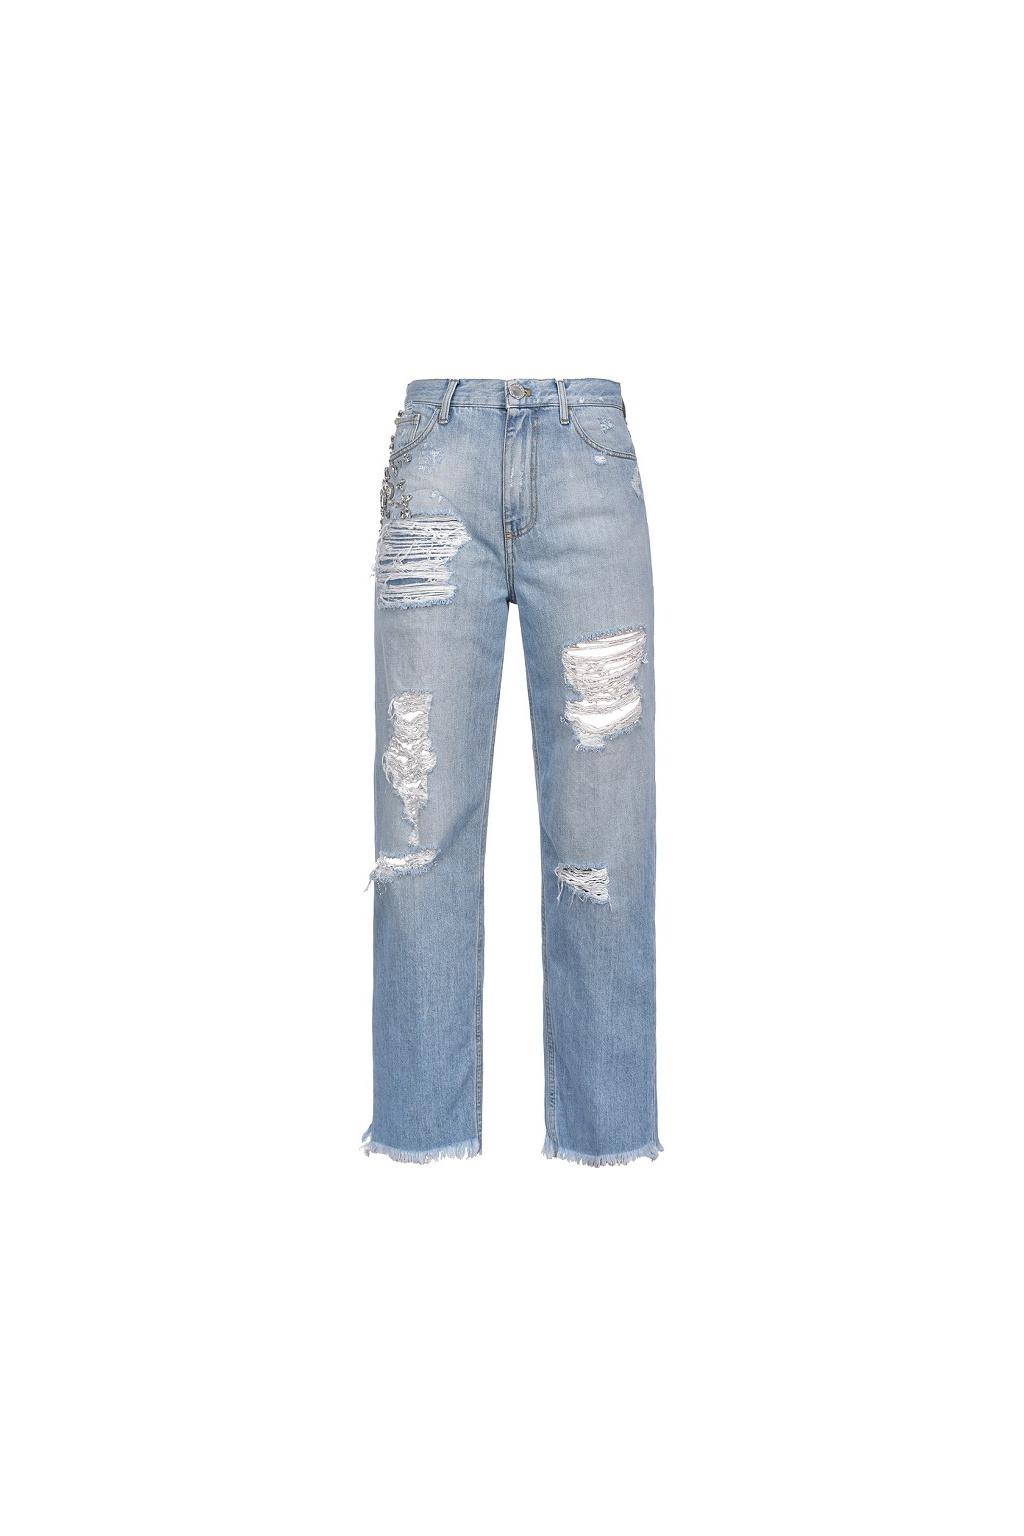 Dámské džíny Pinko Maddie 16 Mom PJ396A modré